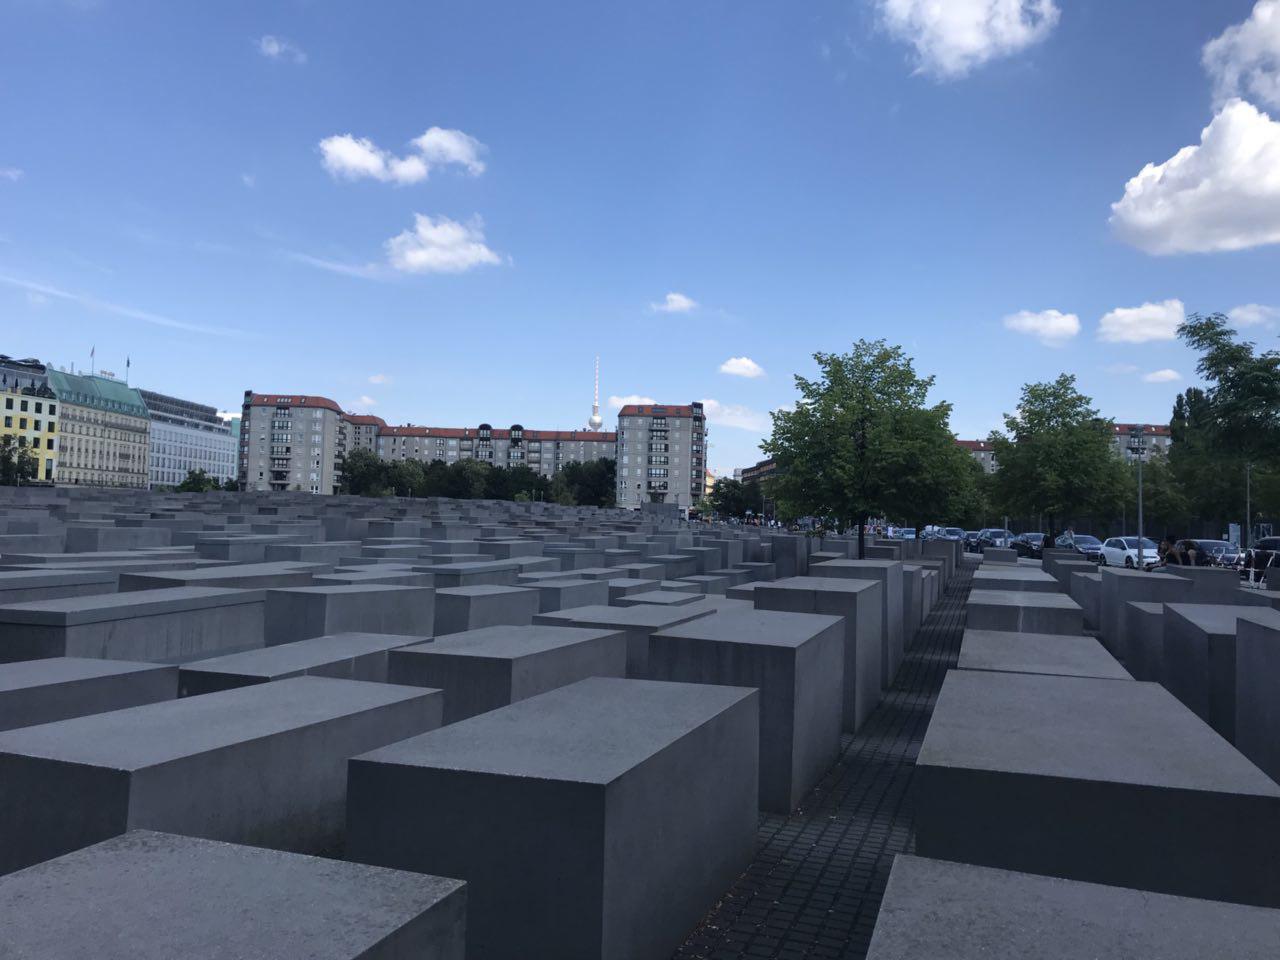 1 베를린 시내 한복판에 있는 홀로코스트 메모리얼 [출처 필자].jpg